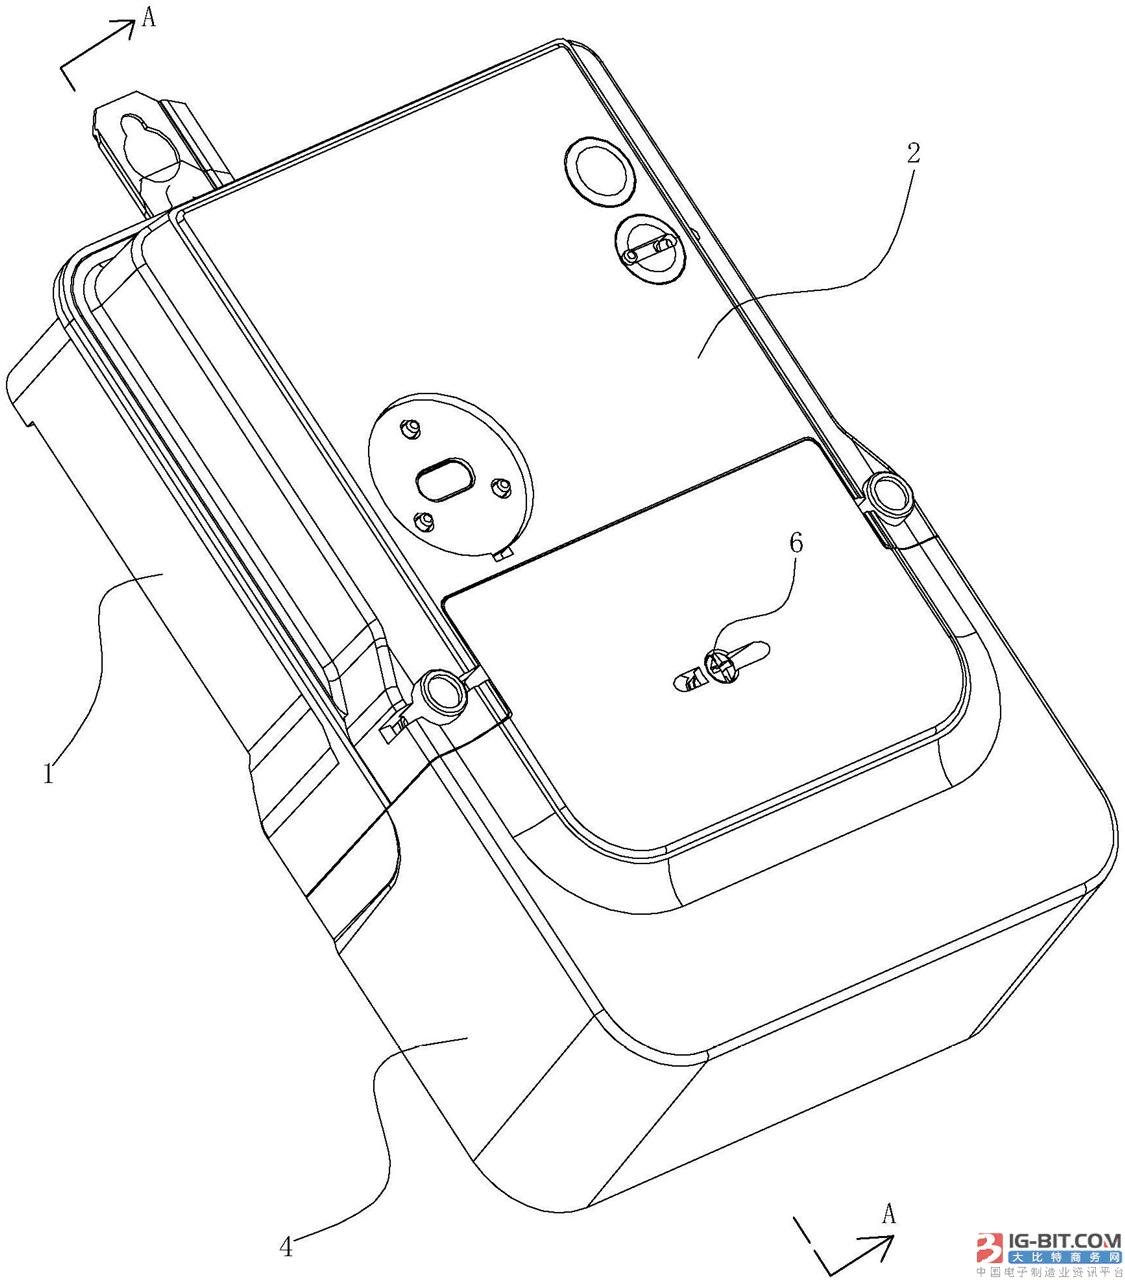 【仪表专利】一种改进电表